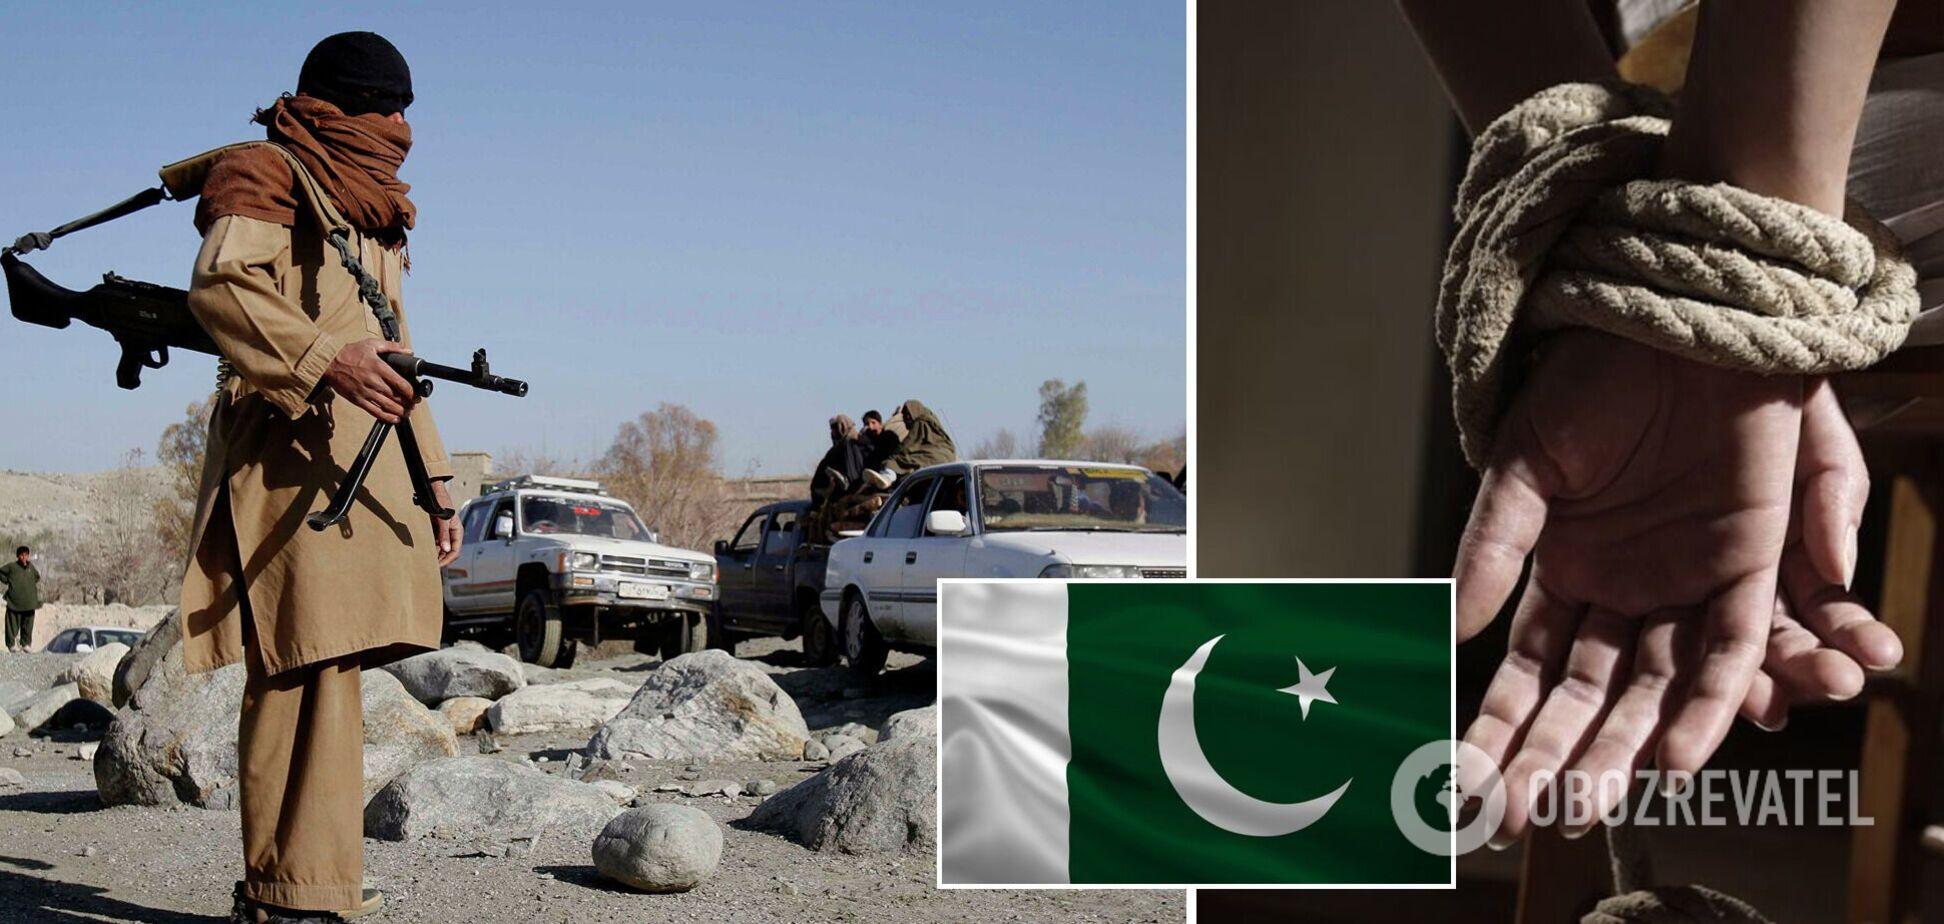 У Пакистані викрали дочку посла Афганістану: її утримували понад п'ять годин і жорстоко побили